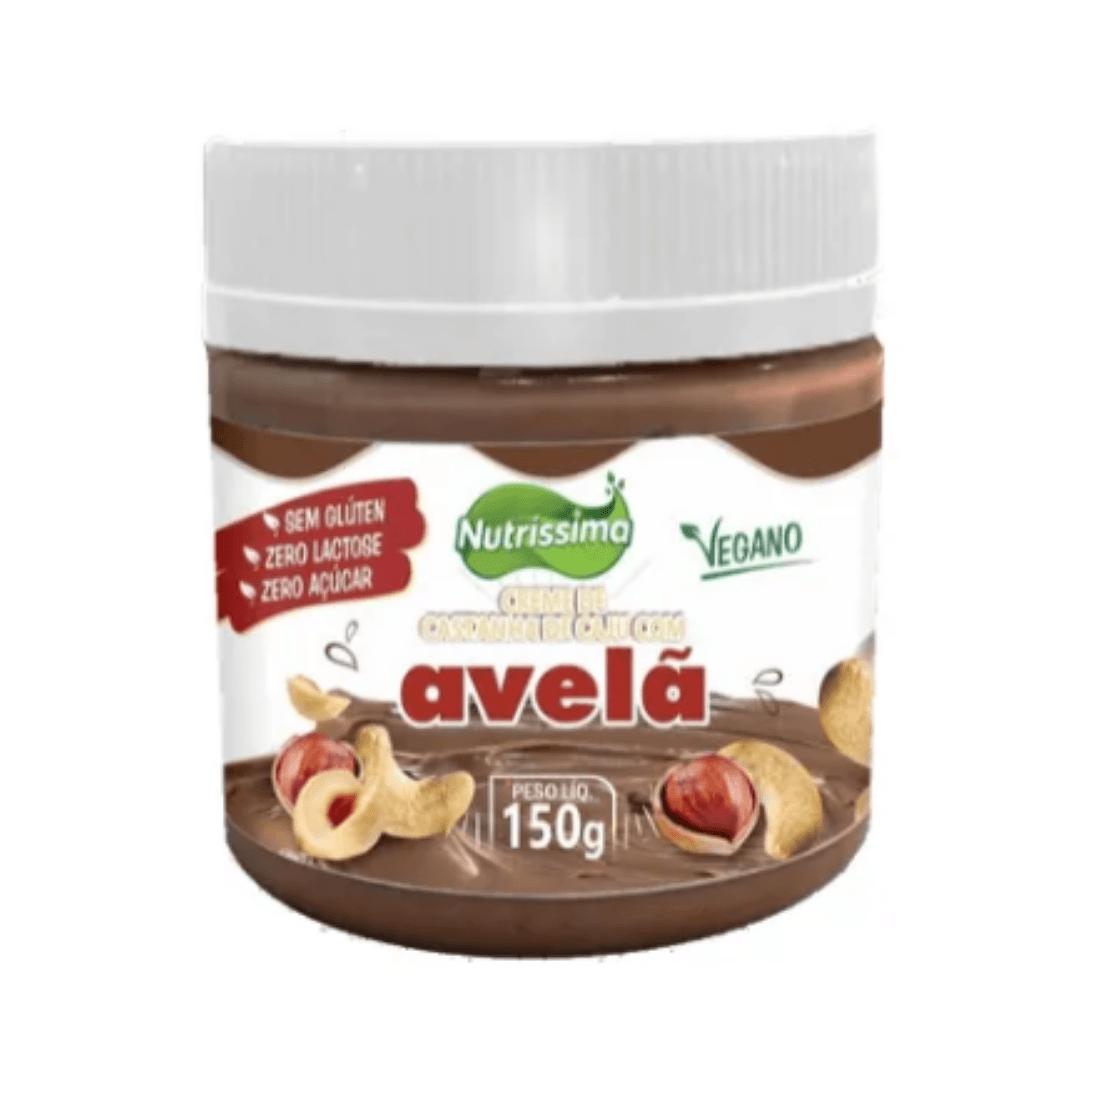 Pasta De Castanha de Caju Com Avelã e Cacau Nutrissima Premium Zero Açúcar 150g